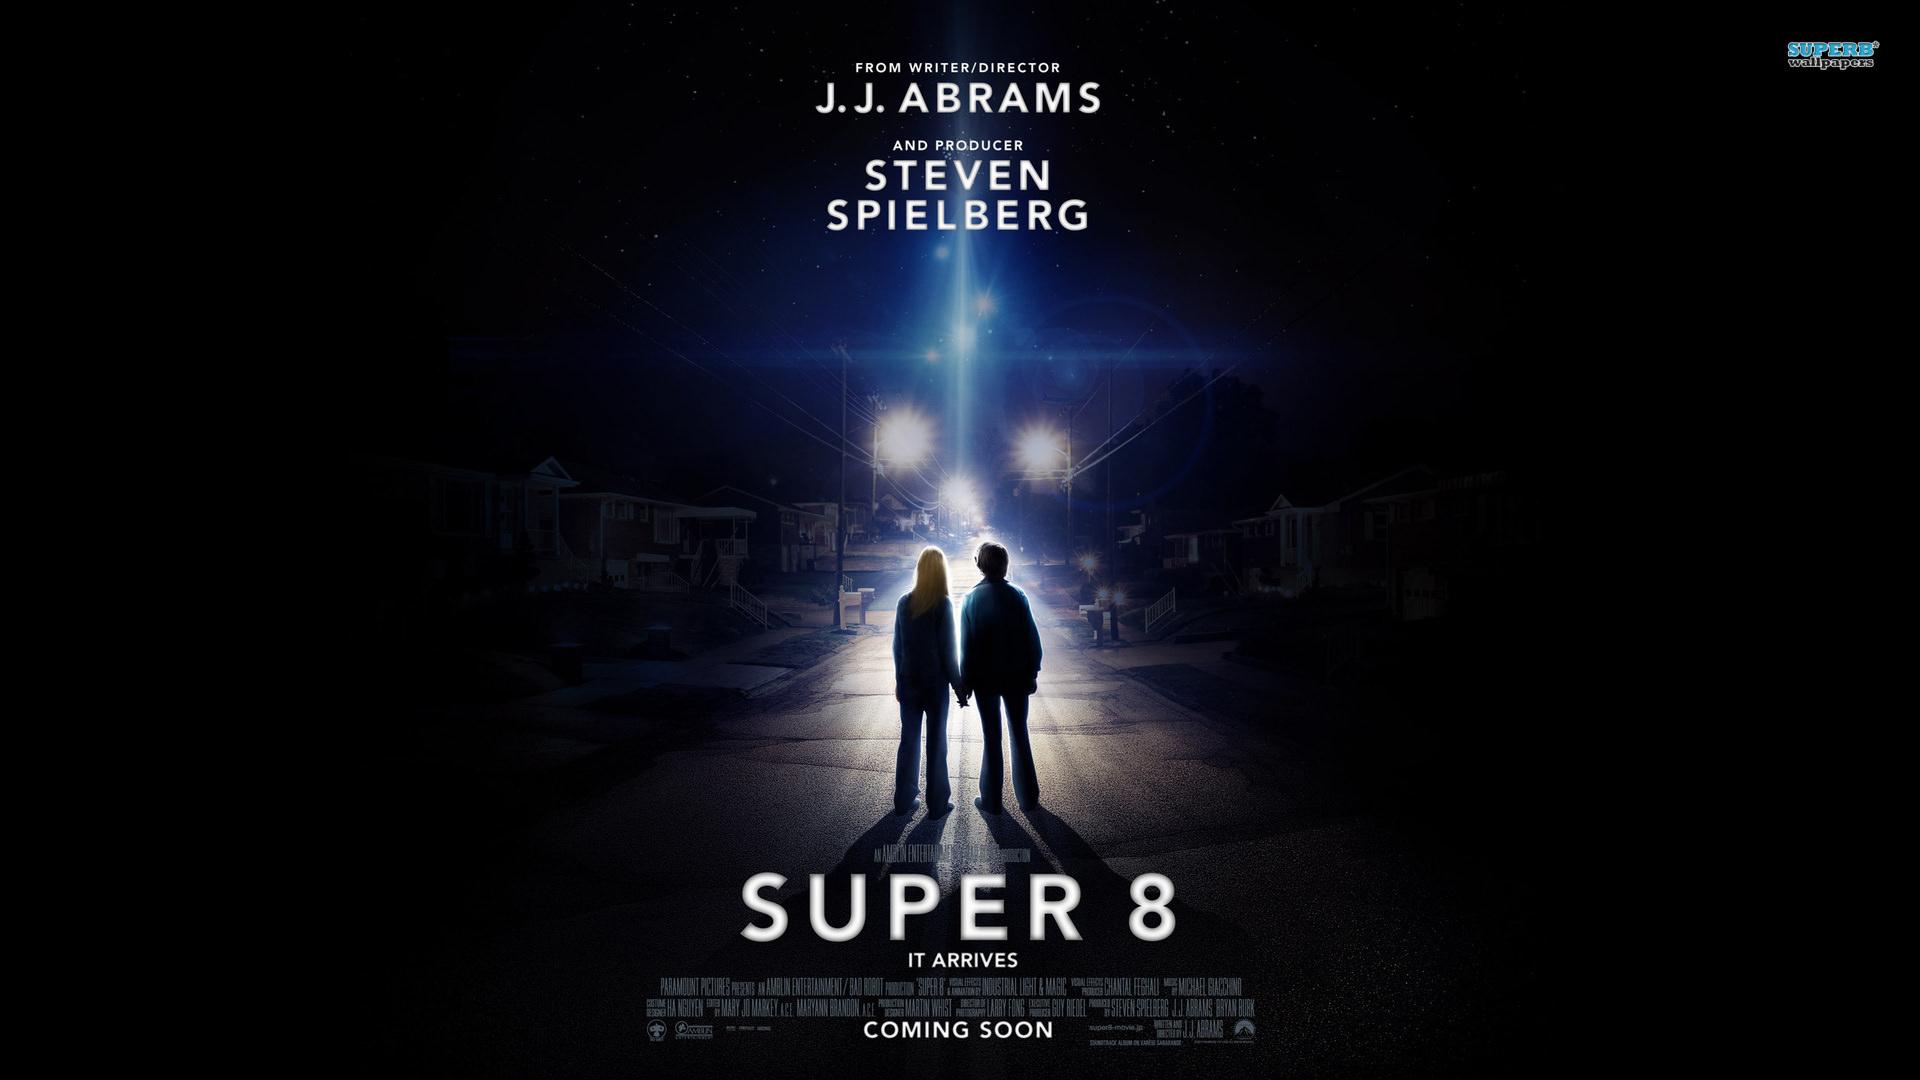 映画「SUPER 8/スーパーエイト」がフルで無料視聴できる動画配信サービス。HuluやNetflixで観れる?吹き替えはある?